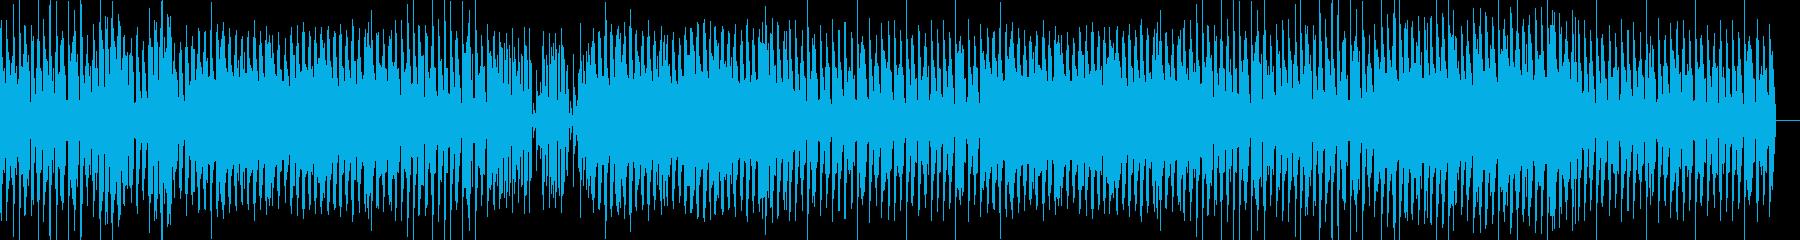 ピアノがお洒落な近未来的BGMの再生済みの波形